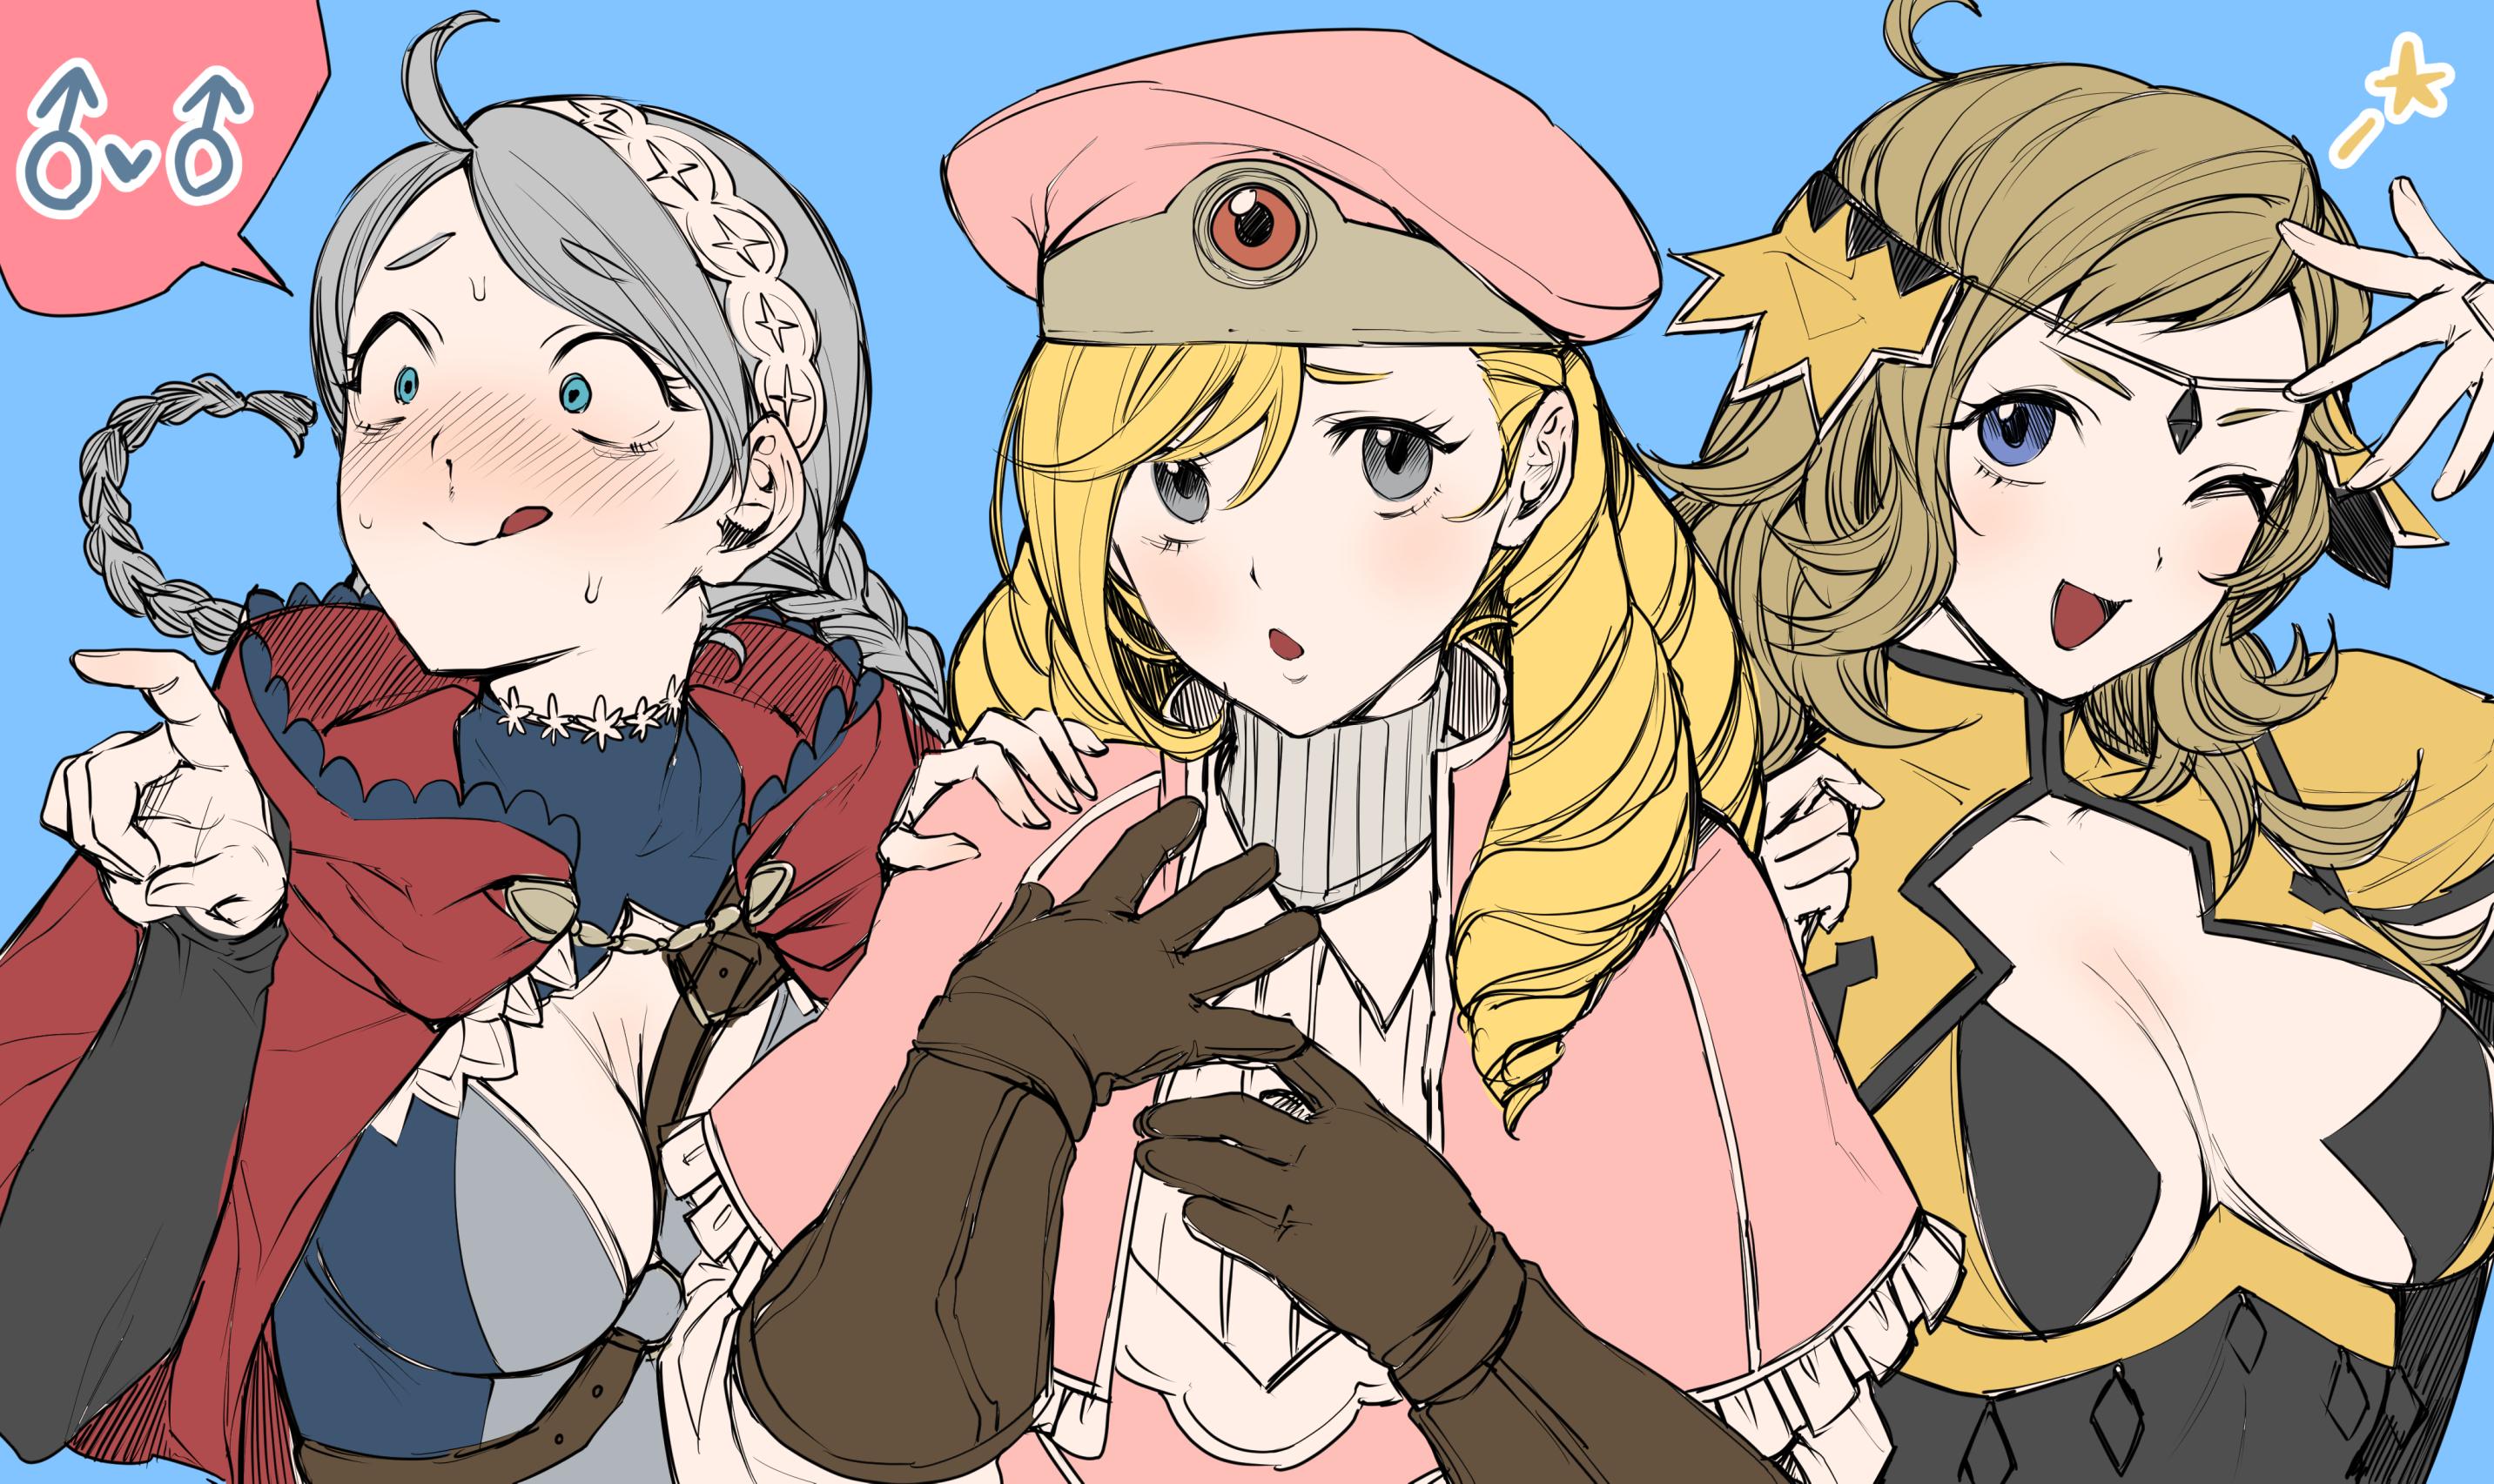 Wallpaper Anime Girls Fire Emblem Fates 2865x1705